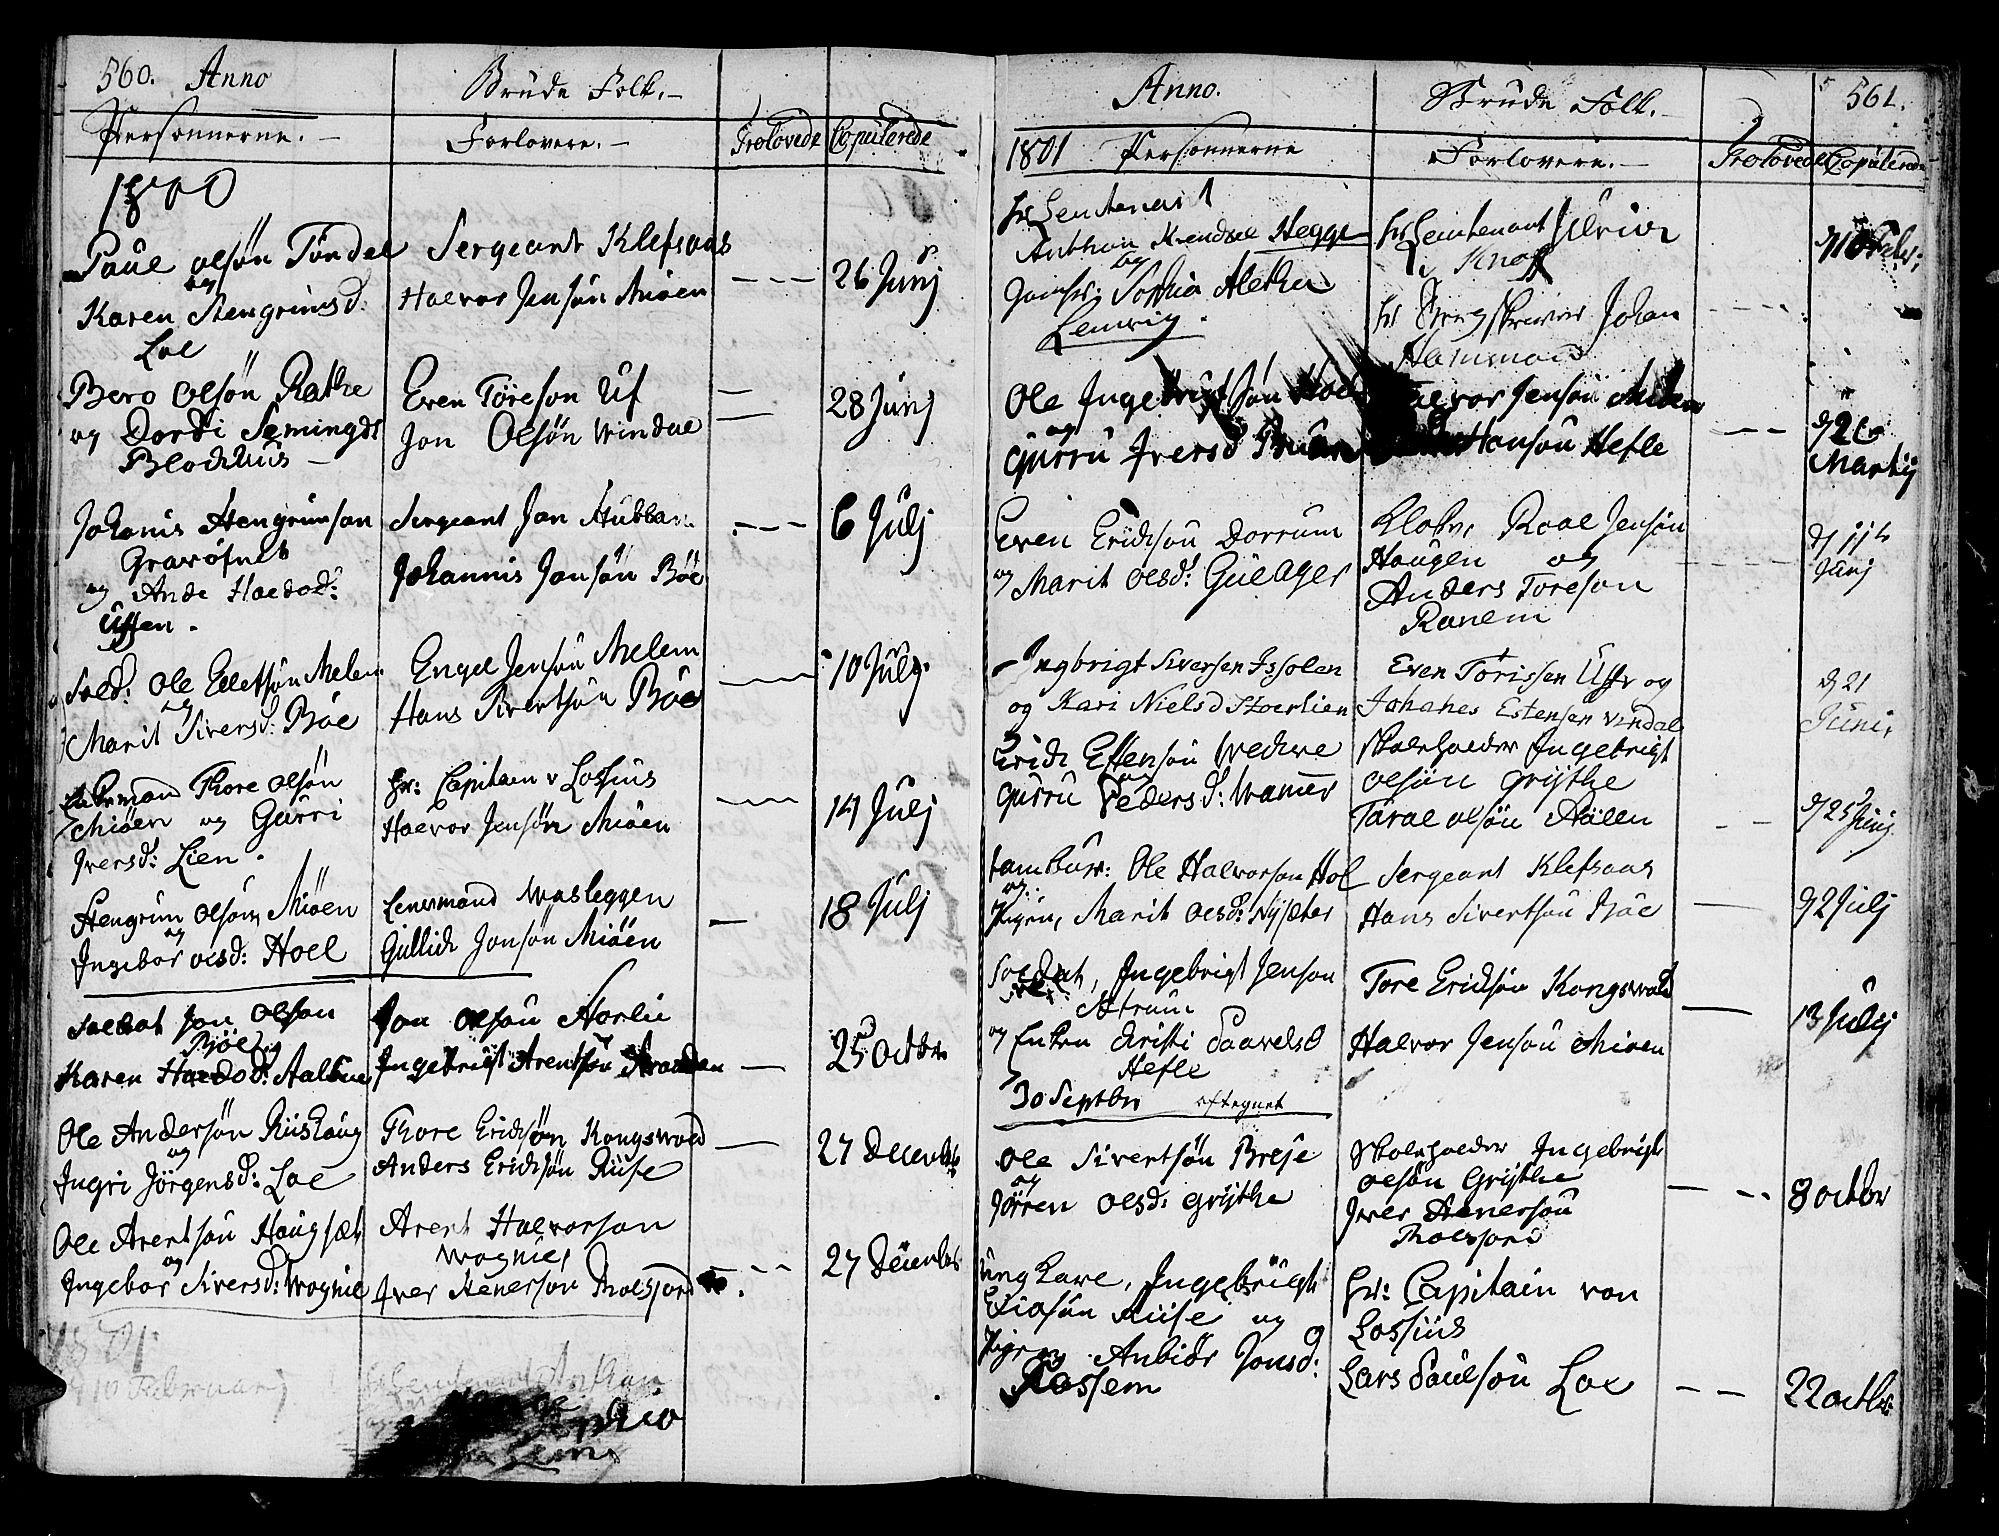 SAT, Ministerialprotokoller, klokkerbøker og fødselsregistre - Sør-Trøndelag, 678/L0893: Ministerialbok nr. 678A03, 1792-1805, s. 560-561